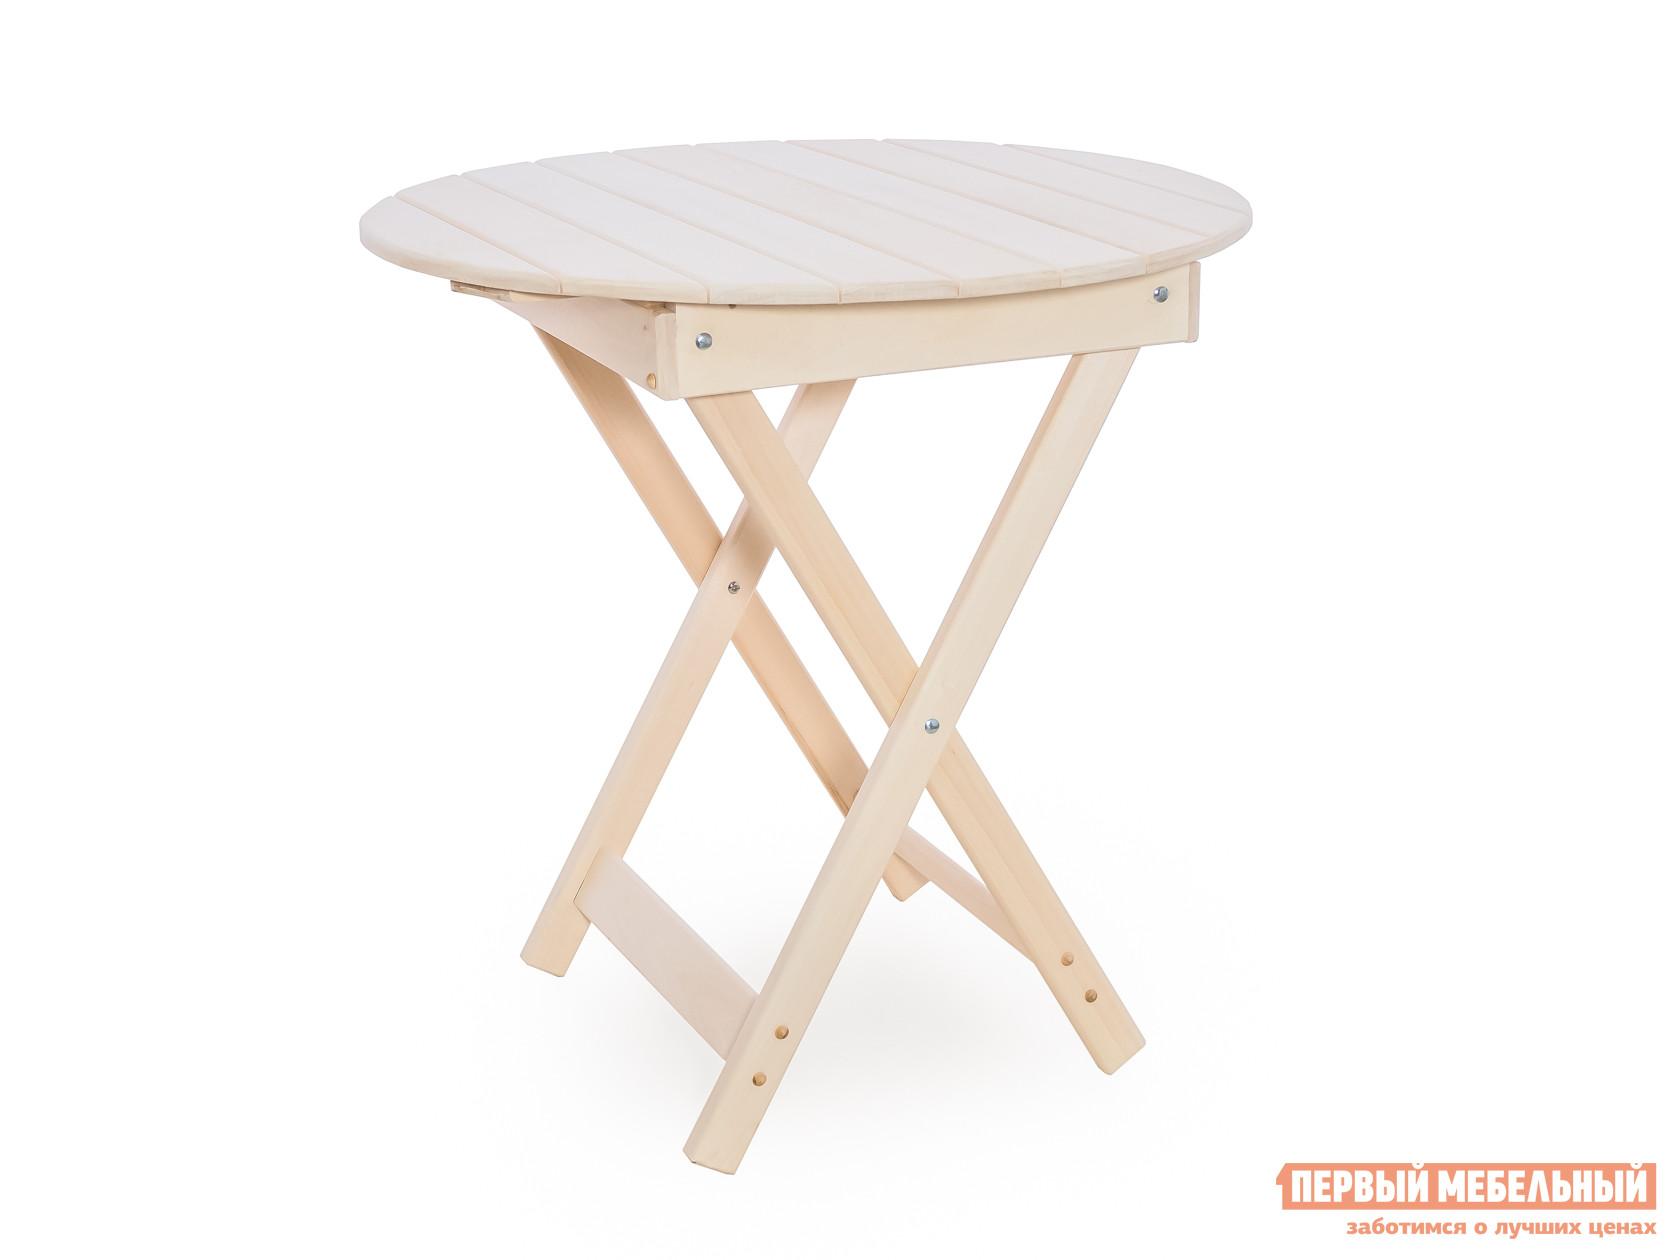 Садовый стол круглый МариМебель Лодрик деревянный уличный стол раскладной маримебель паскаль